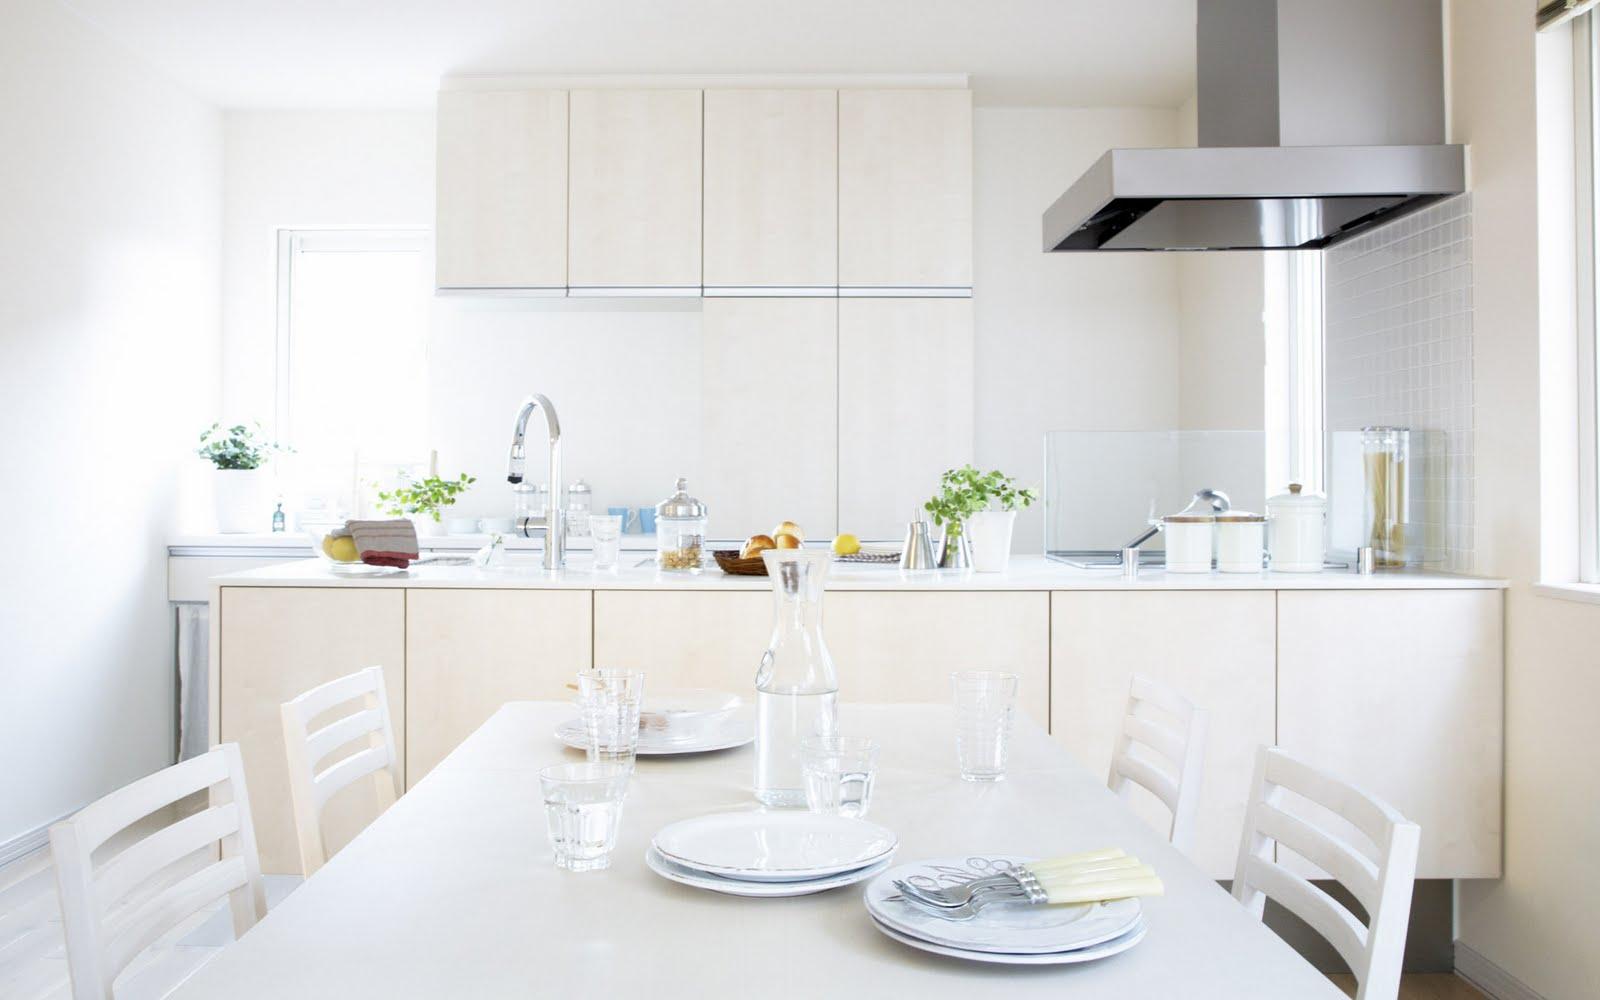 Dise o de interiores i 20 ideas para decorar tu hogar for Ideas para decorar tu hogar